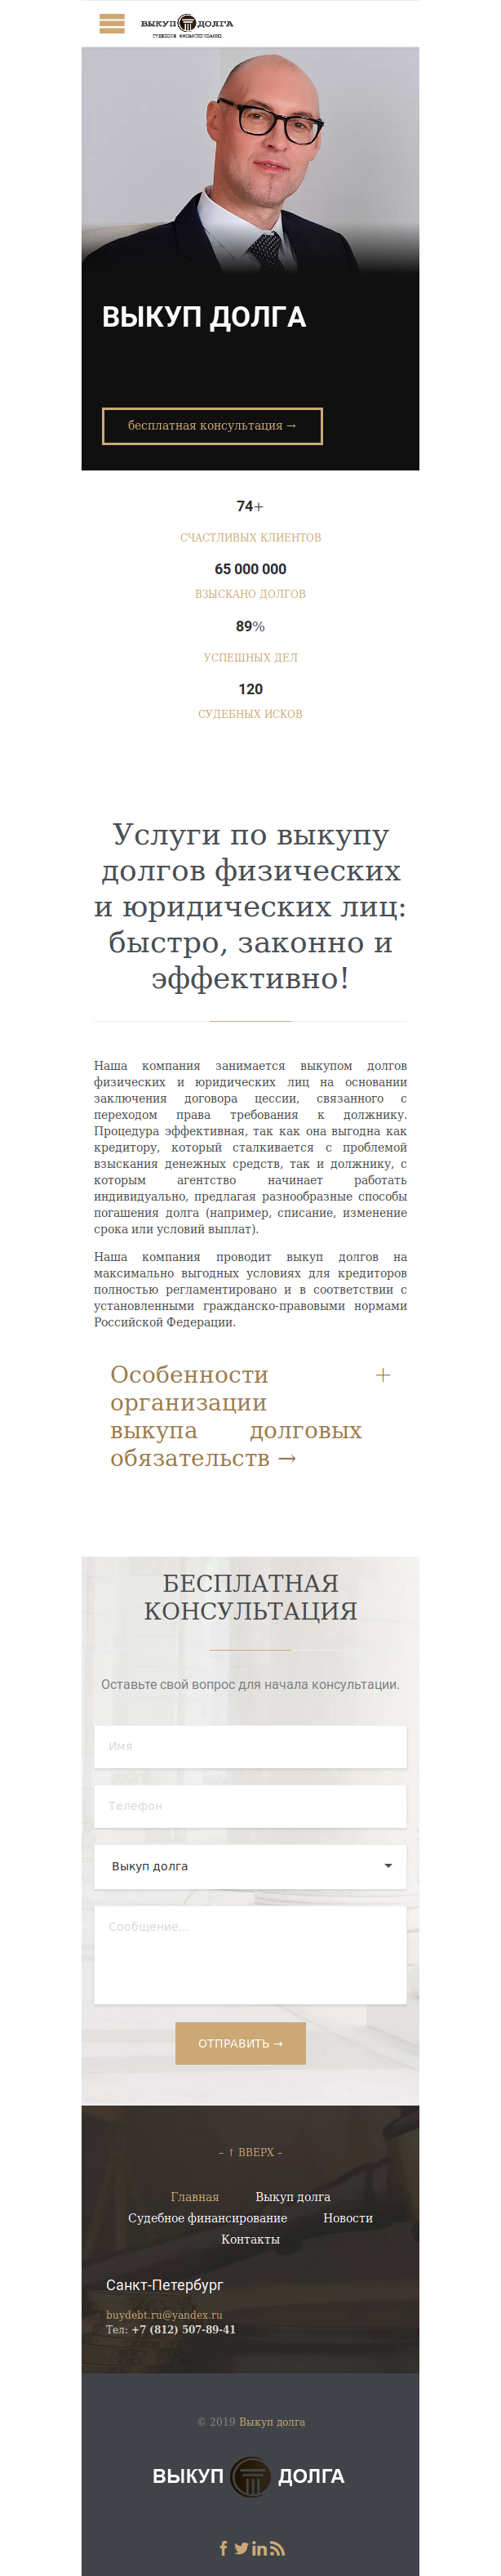 Портфолио Сайт Выкуп долга, Главная - адаптивная